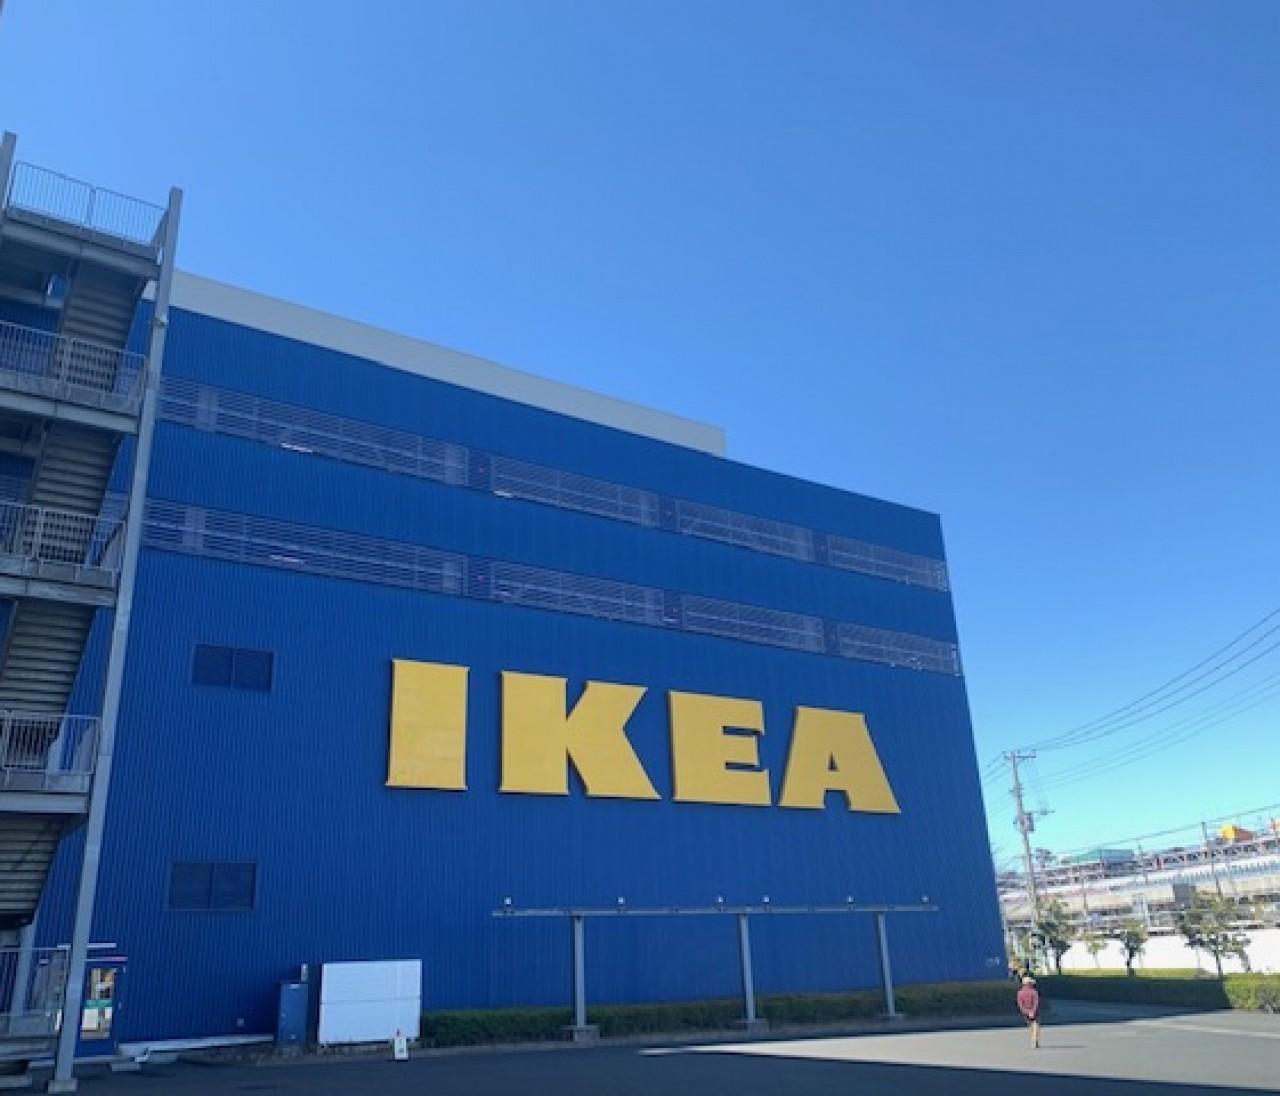 【IKEA】北欧雑貨の購入品